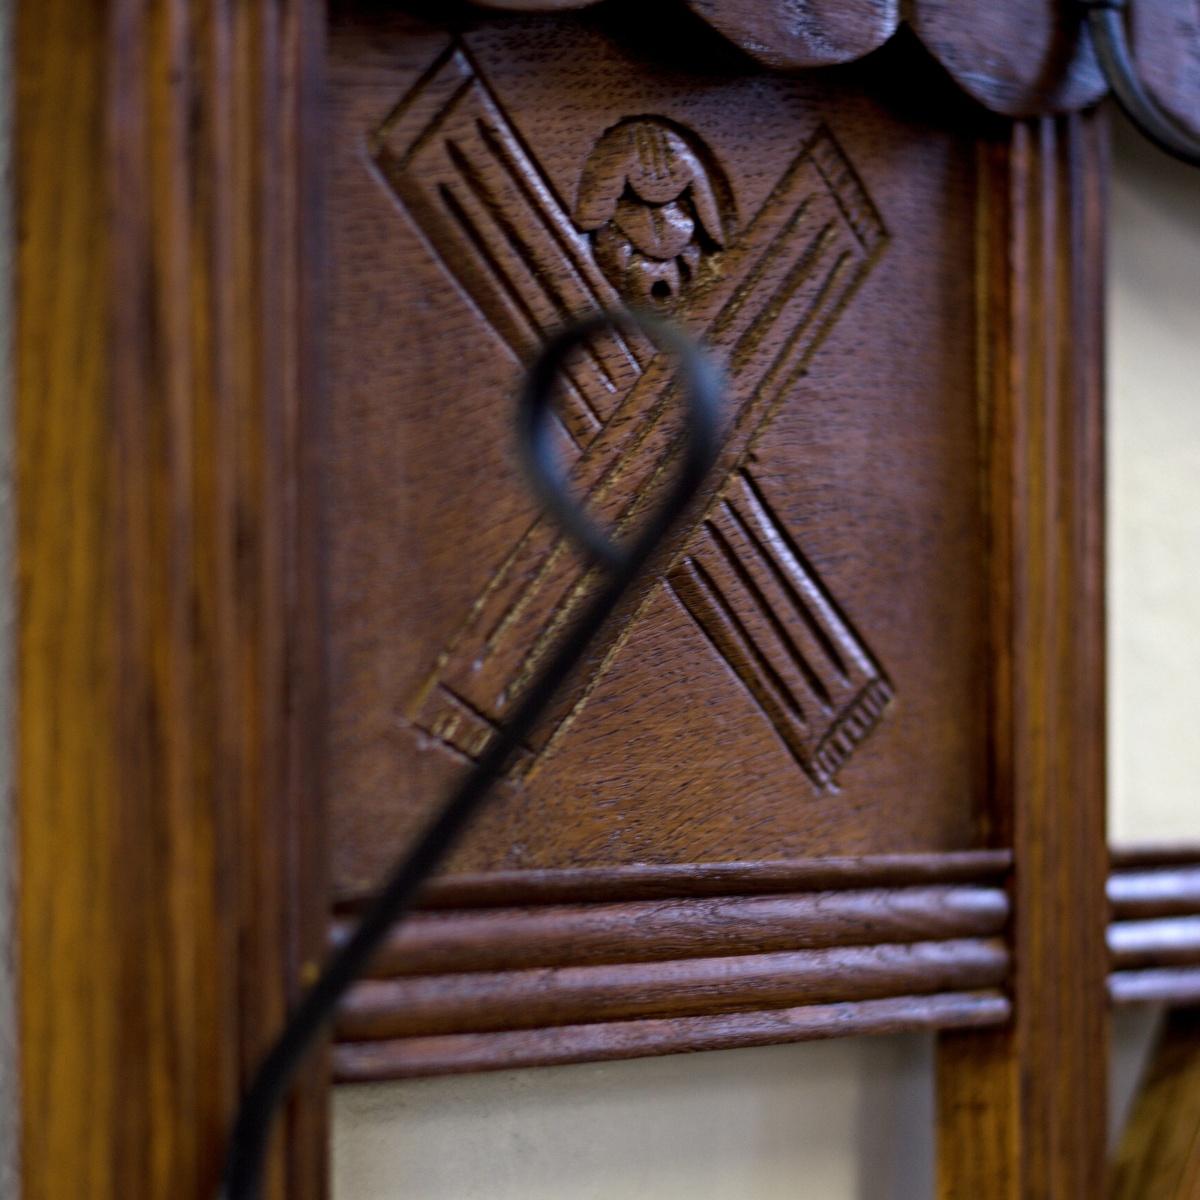 anglický rustikální věšák po celkové renovaci do původního stavu restored furniture detail reliéfu